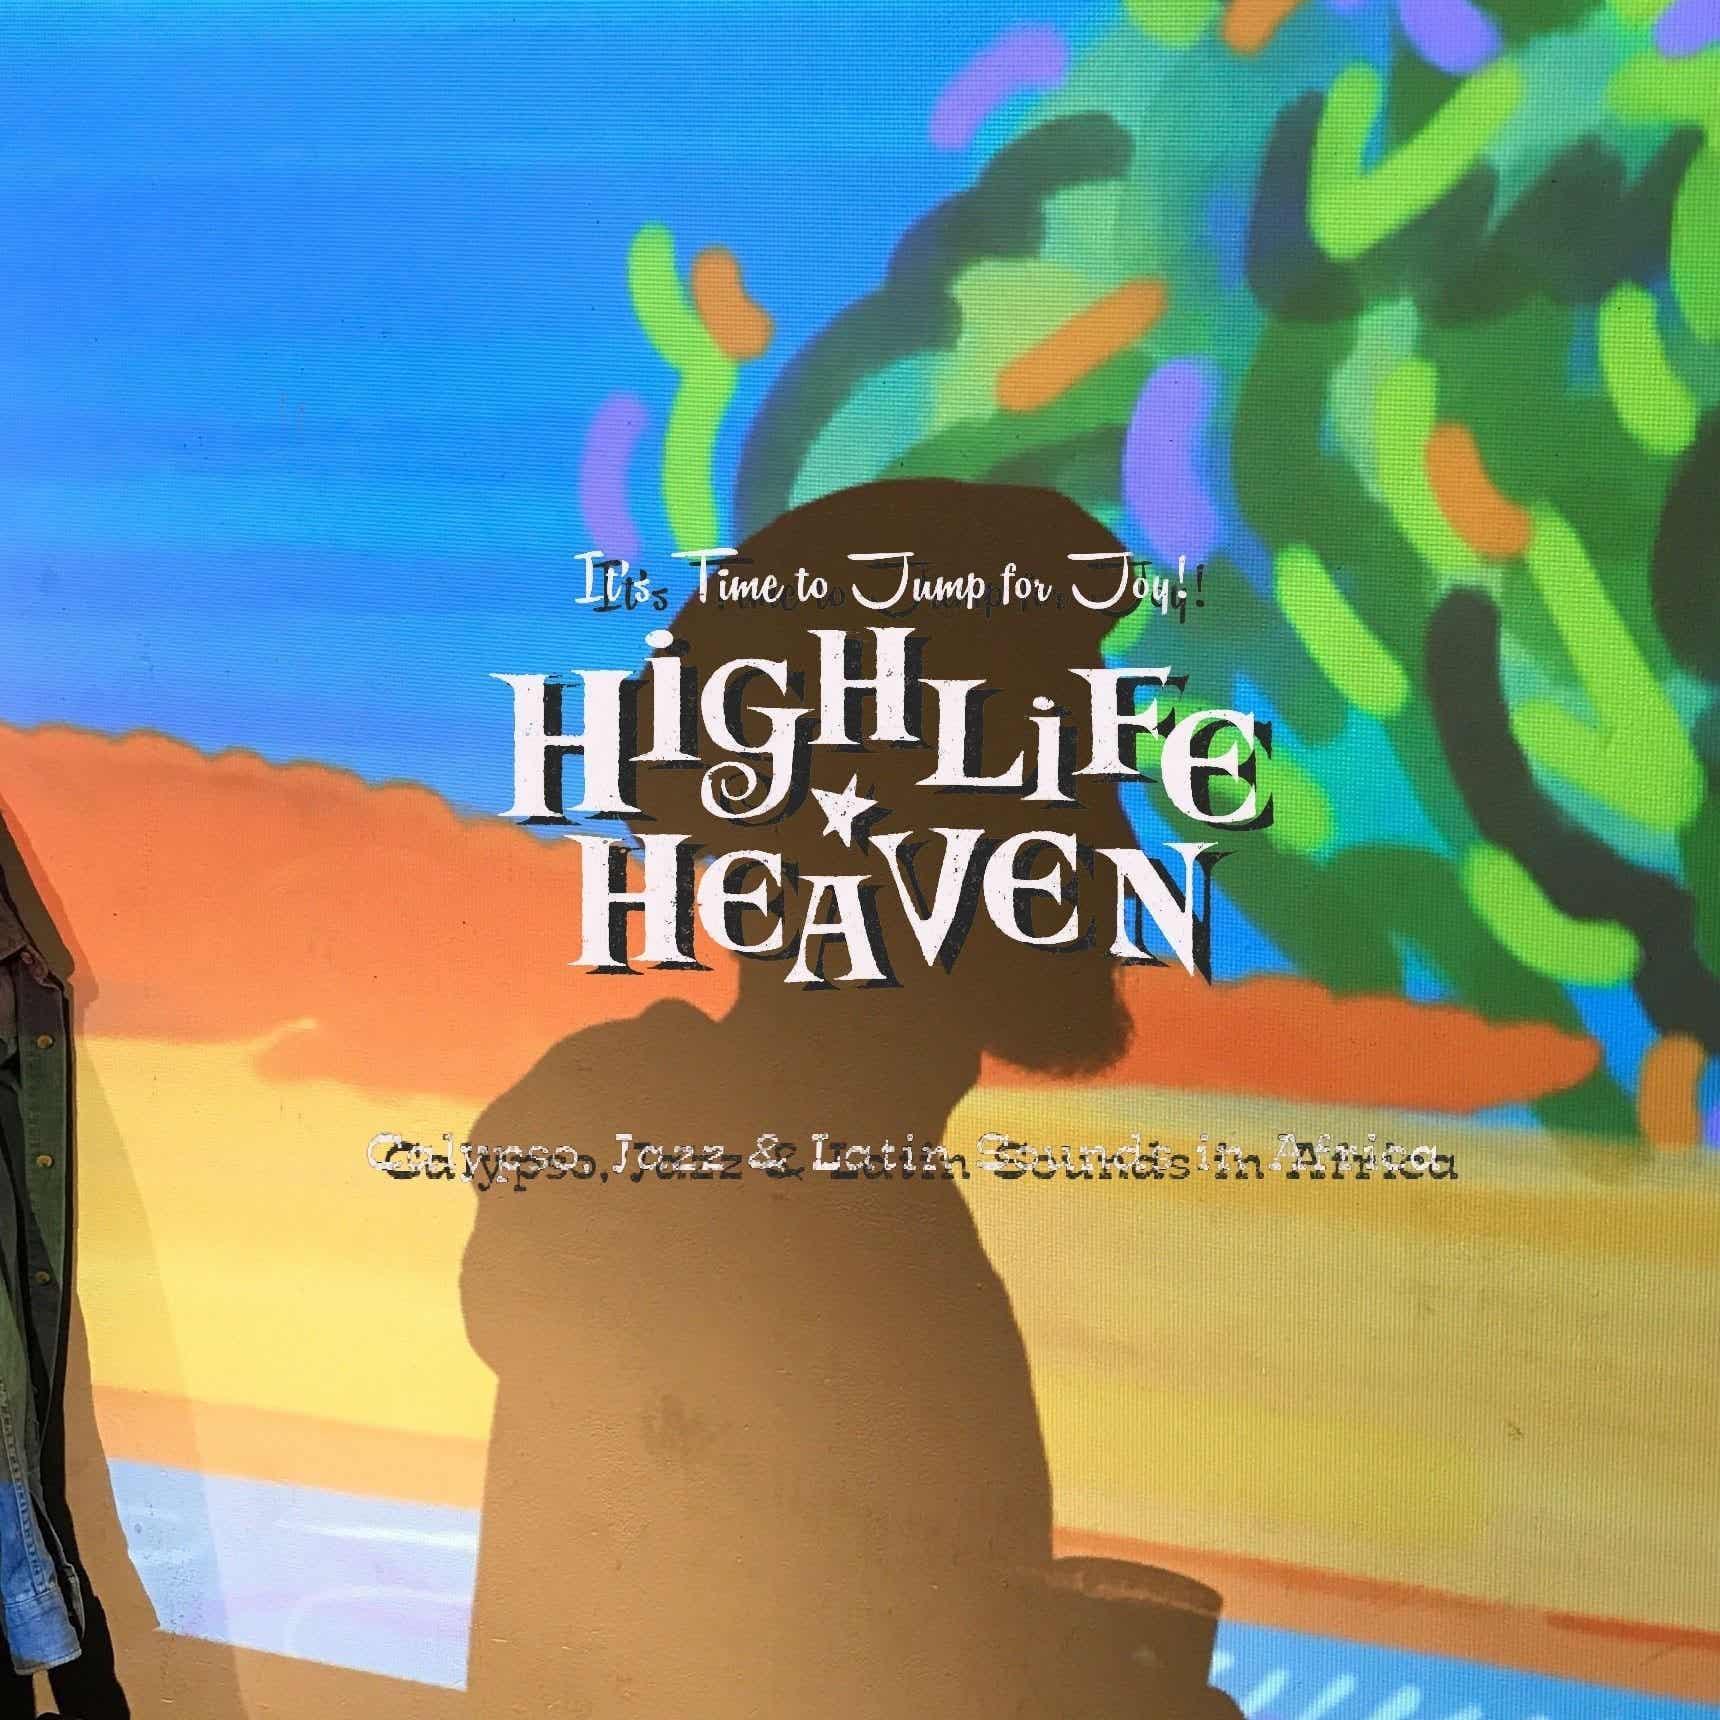 イントロダクション:前書き - 後編|HIGHLIFE HEAVEN|note